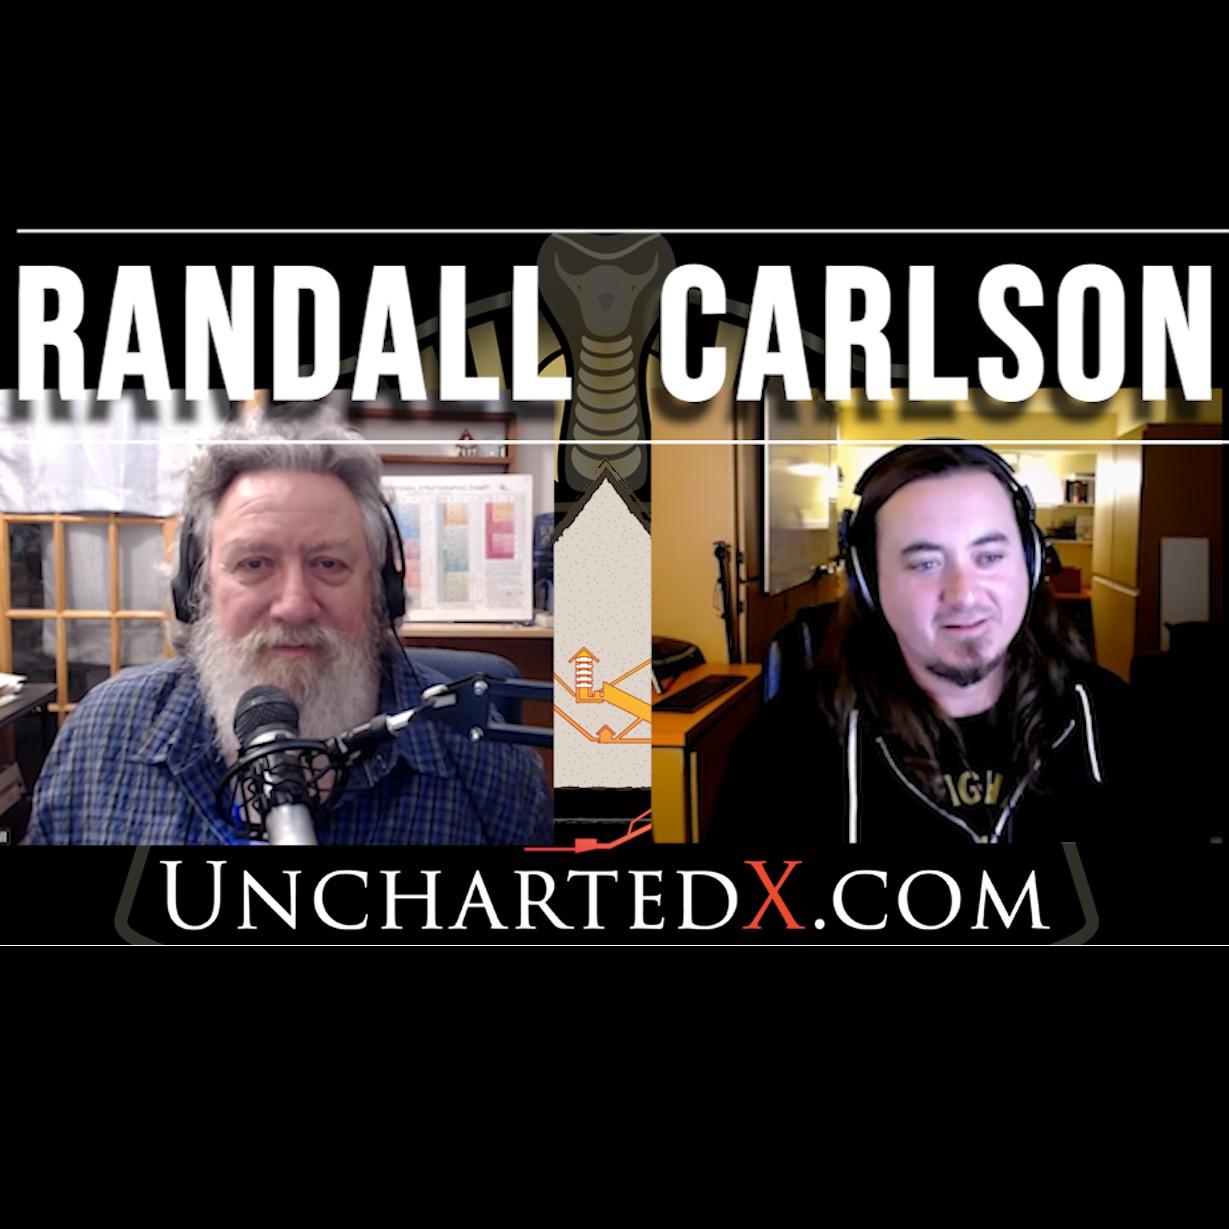 011:Randall Carlson!